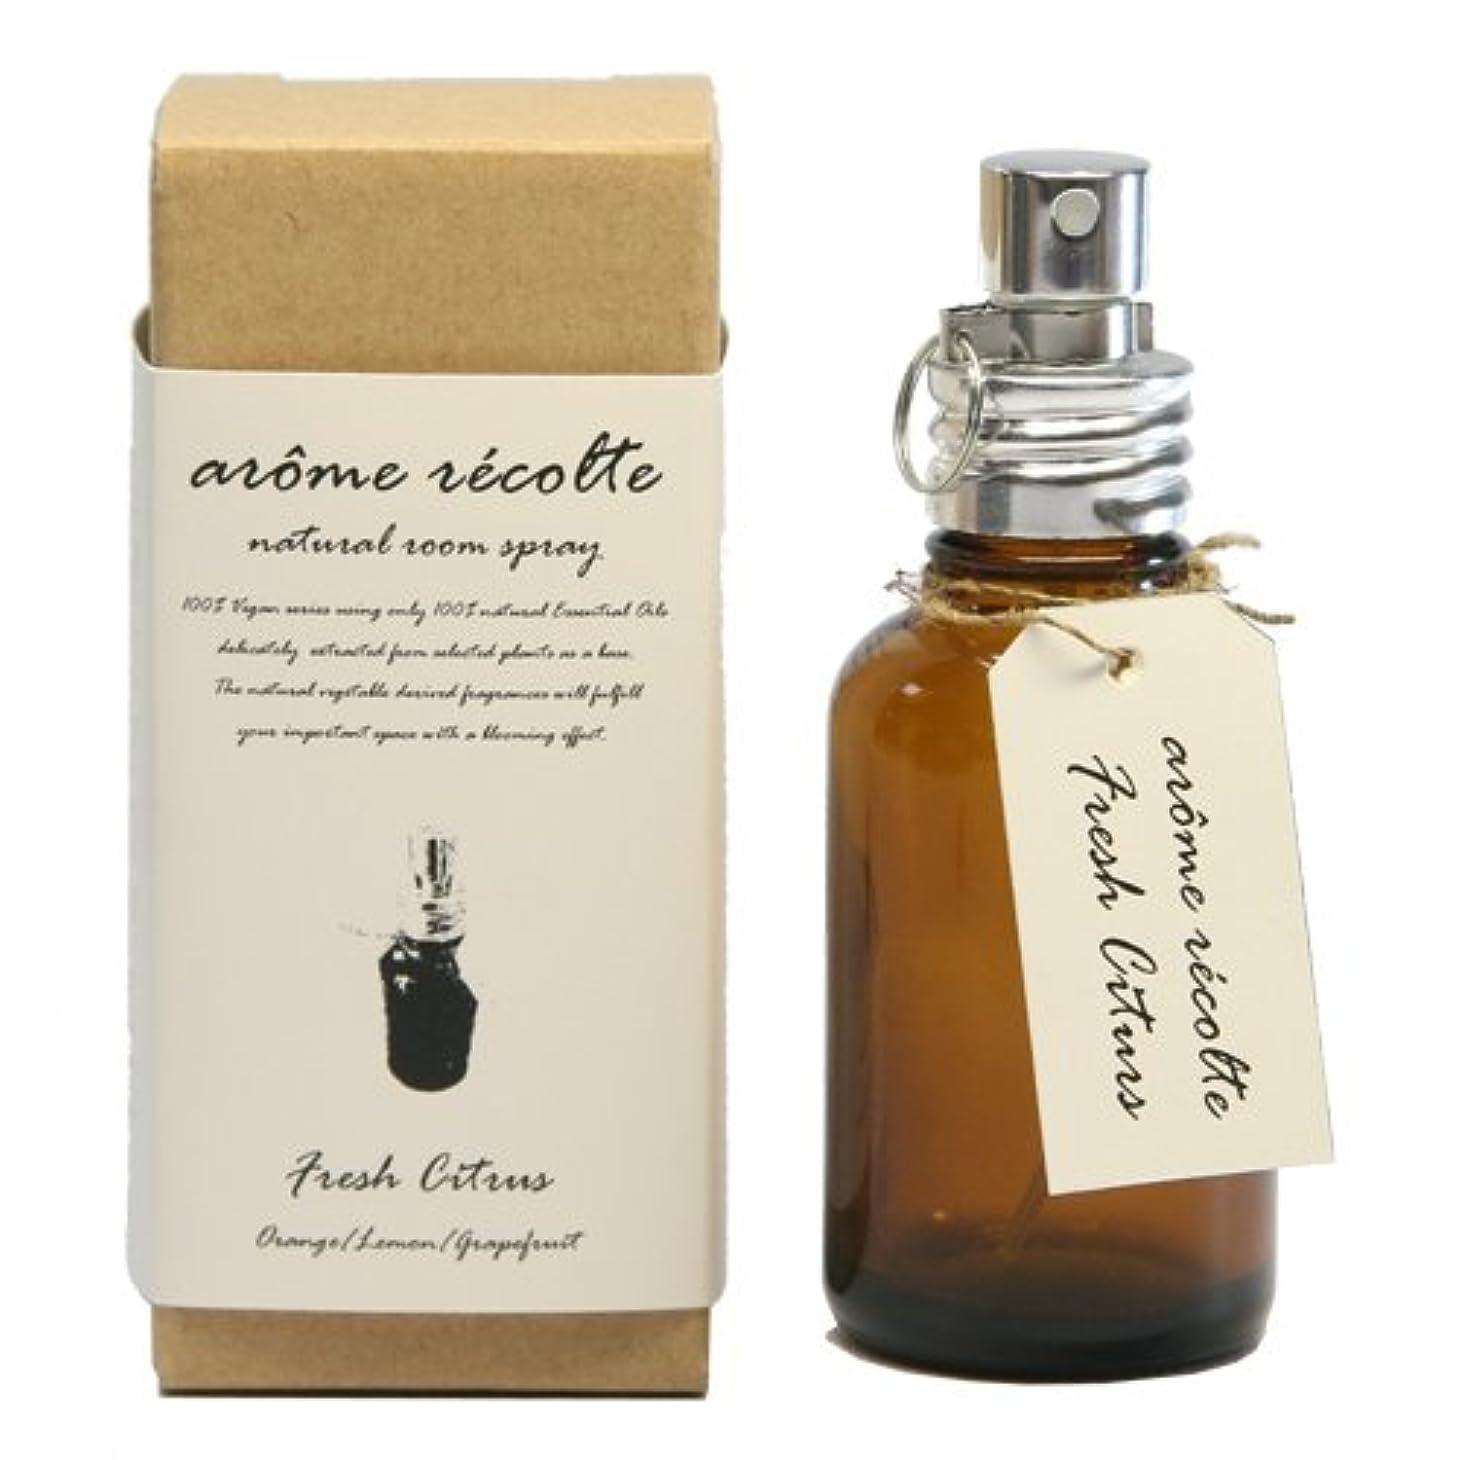 論理的勘違いする見てアロマレコルト ナチュラルルームスプレー  フレッシュシトラス【Fresh Citurs】 arome rcolte